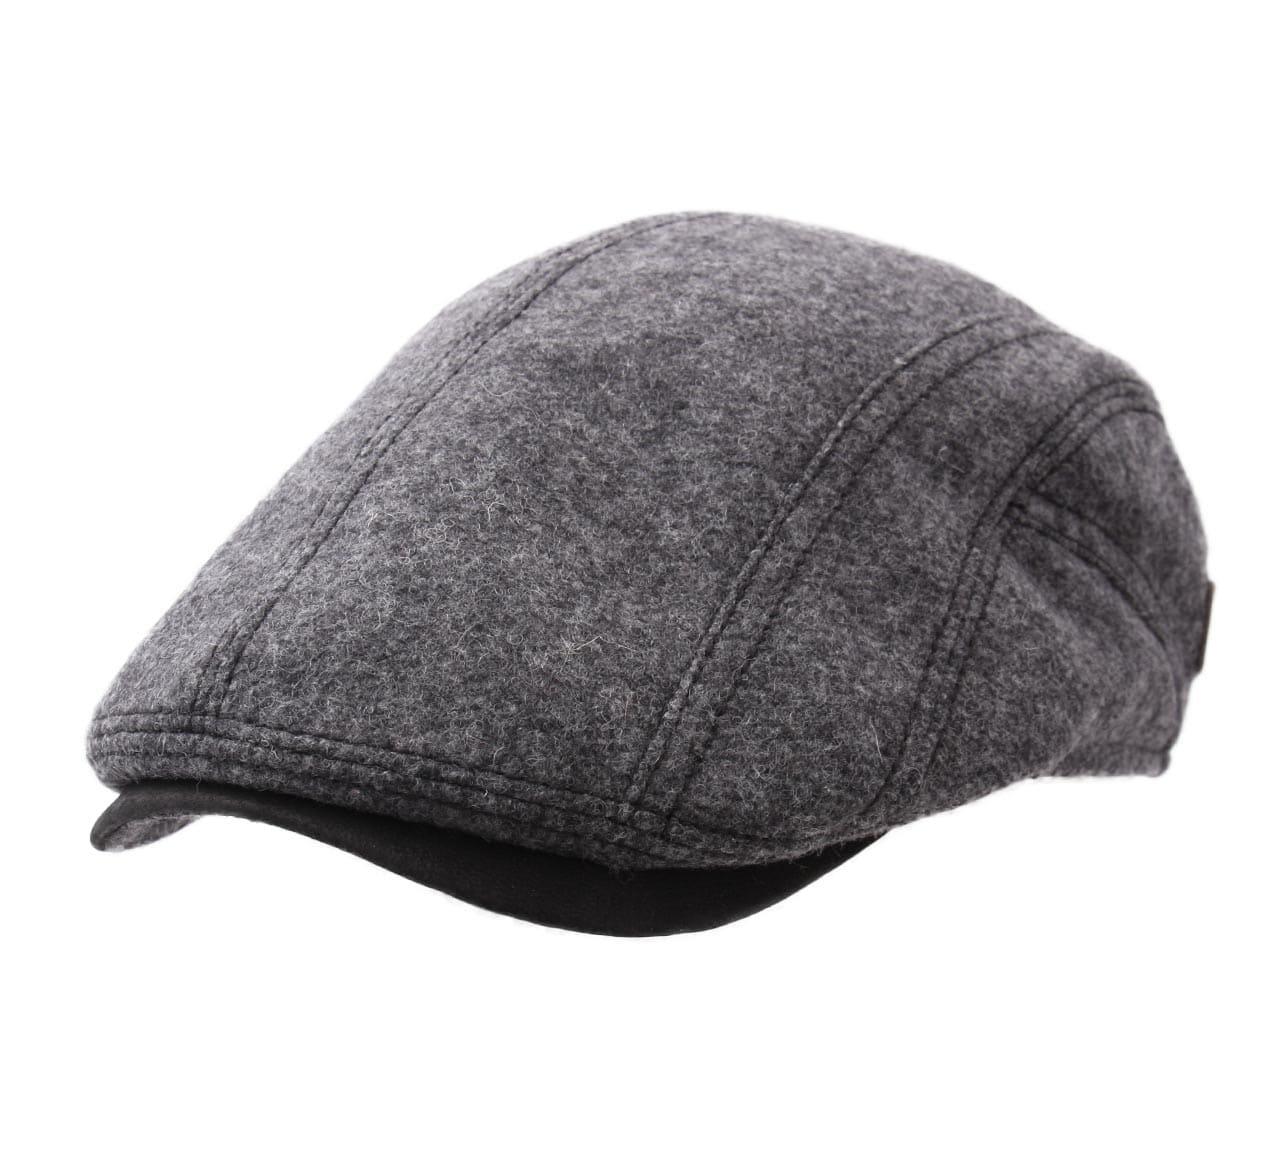 Casquette : quelle est la forme de casquette qu'il vous faut ?